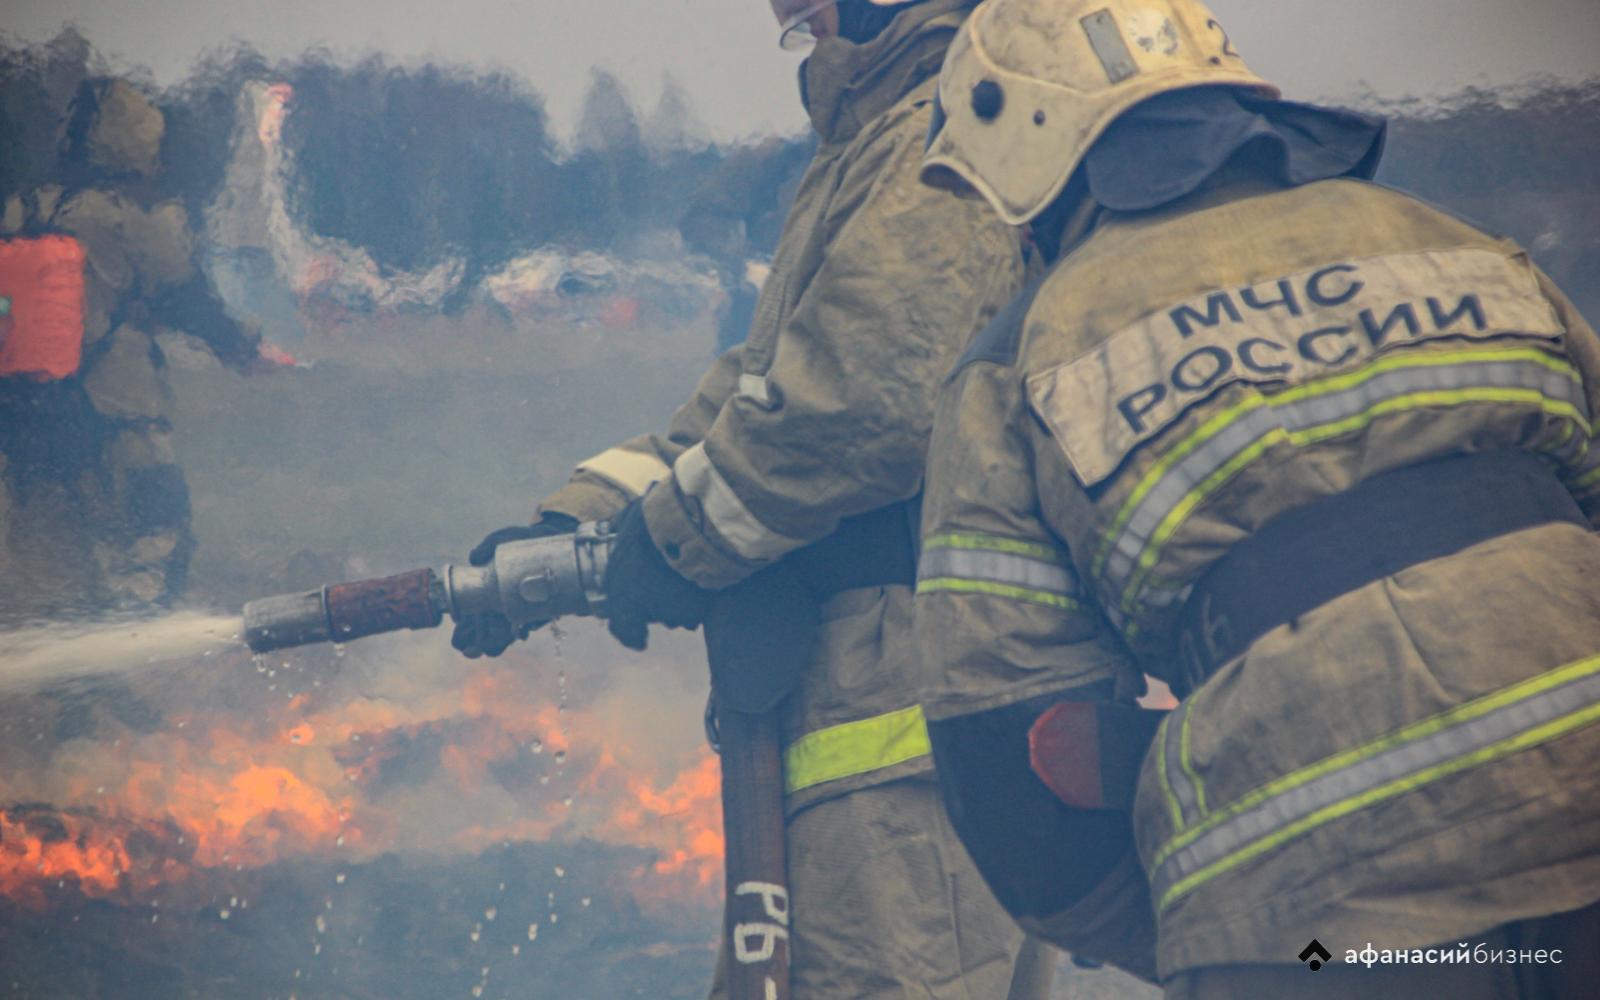 Масштабные учения: под Тверью пожарные спасли «деревню» и лес от бушующего пламени - новости Афанасий